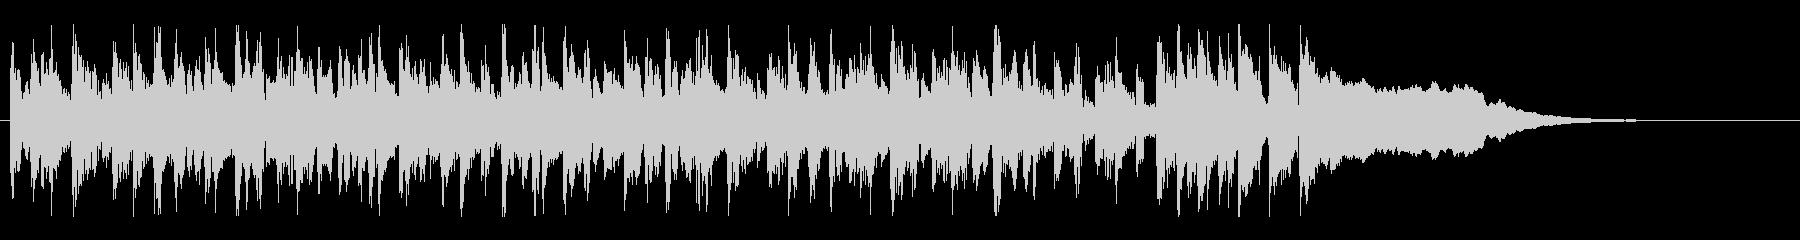 ネットラジオのオープニング曲の未再生の波形